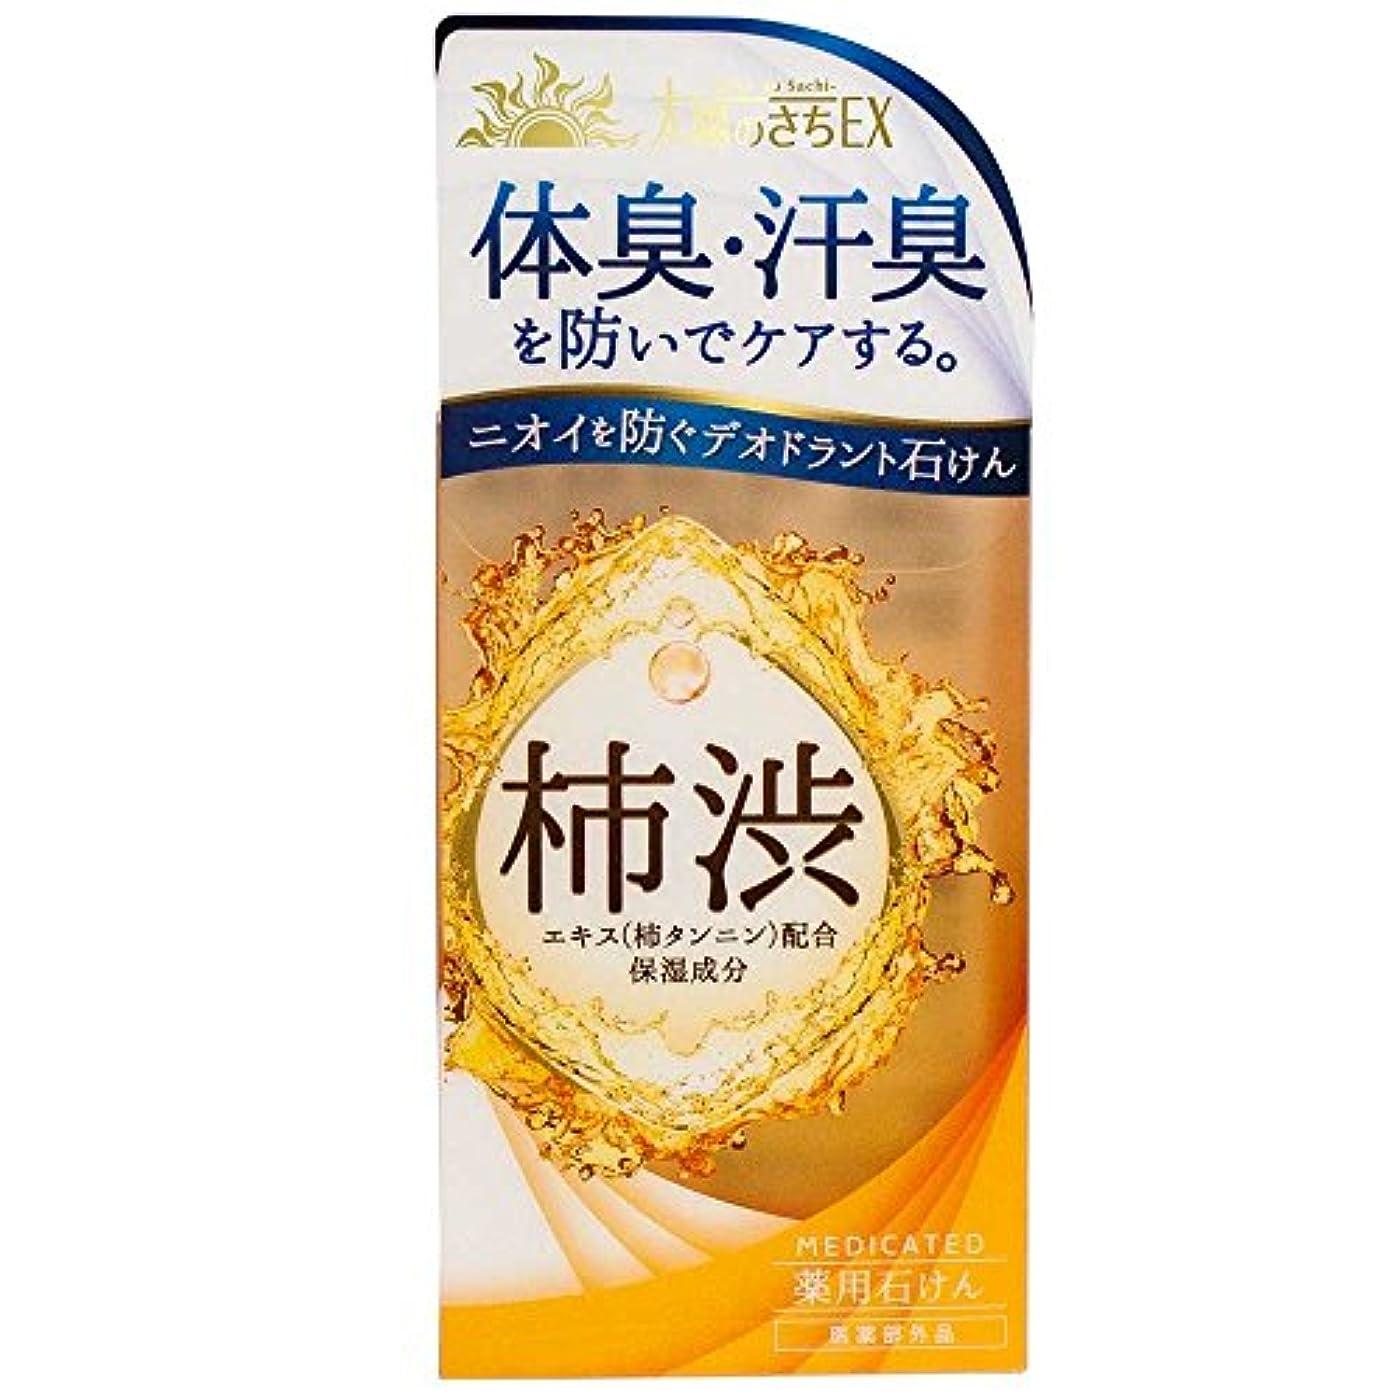 デイジー繁栄硫黄薬用太陽のさちEX 柿渋石けん 120g[医薬部外品]